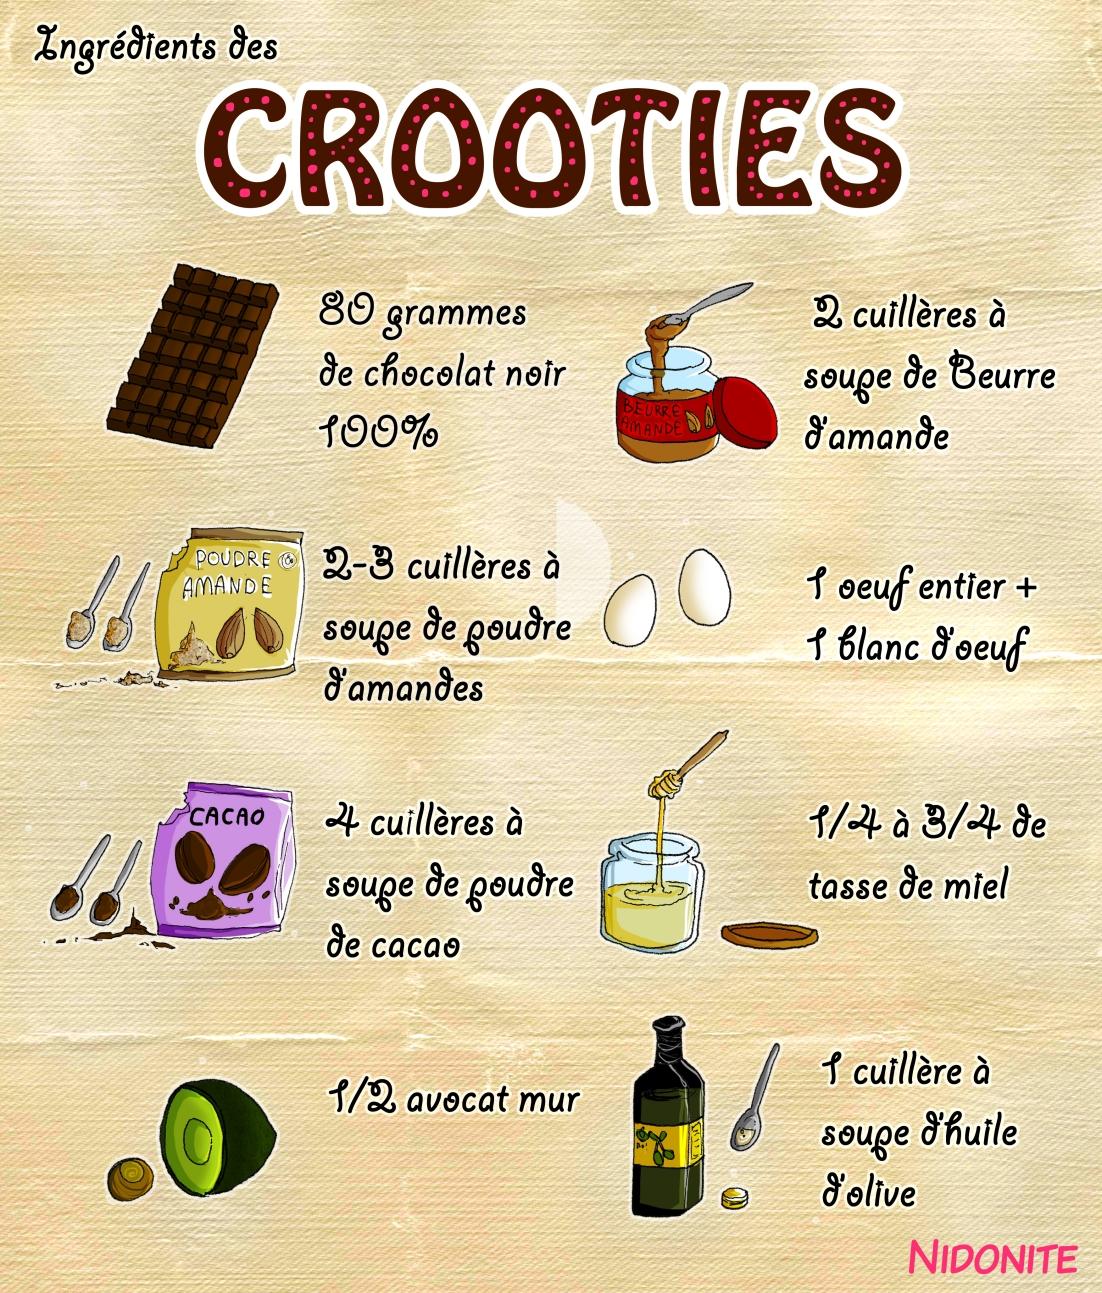 ingredients-crooties